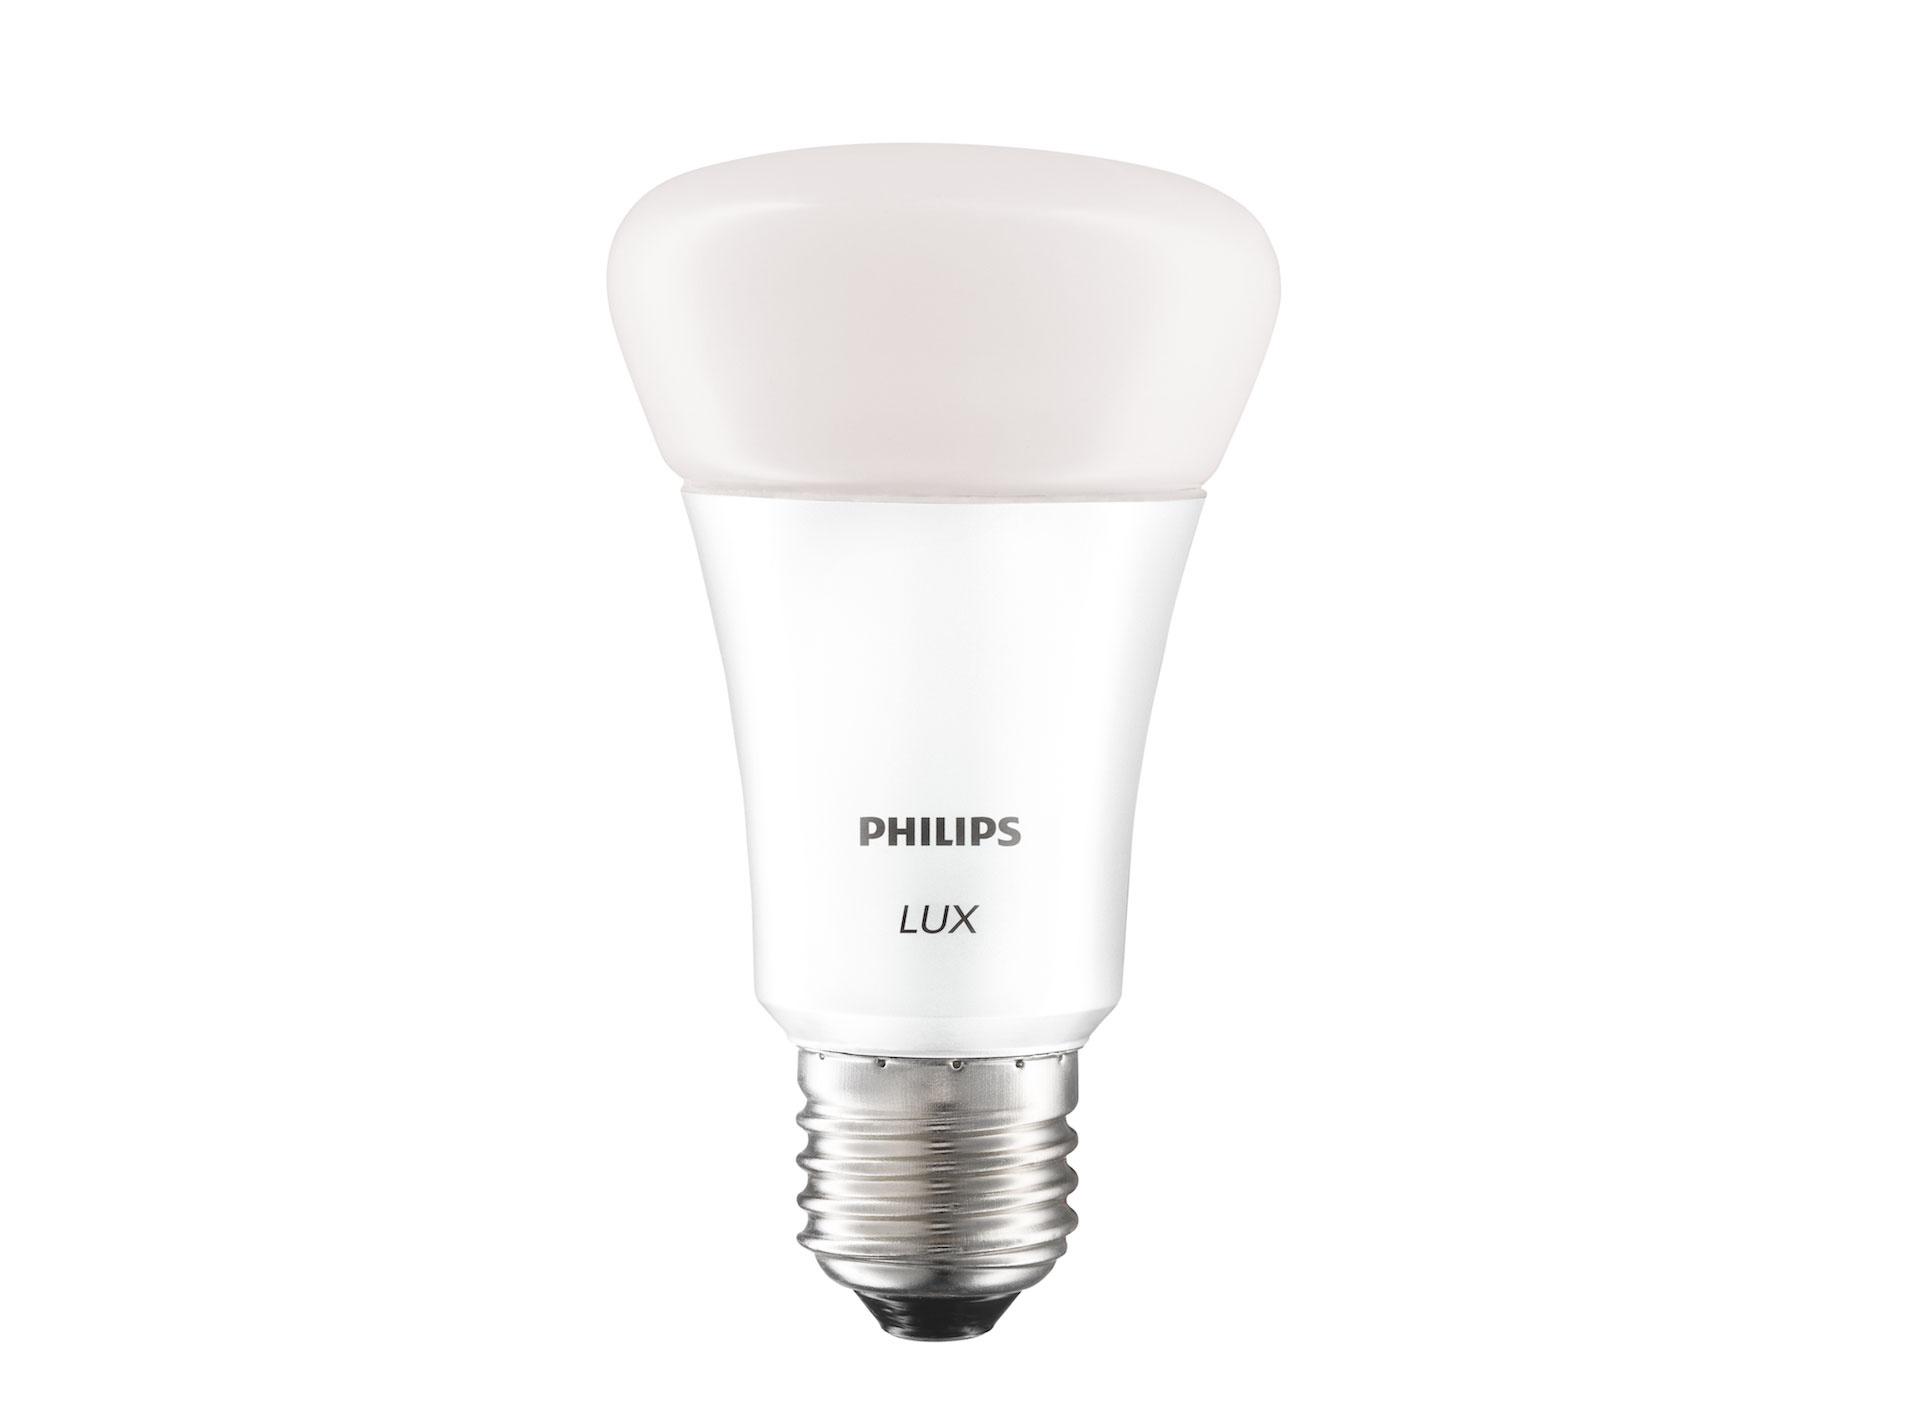 با لامپ هوشمند فیلیپس می توانید از رسیدن ایمیل جدید و گل زدن تیم فوتبال آگاه شوید